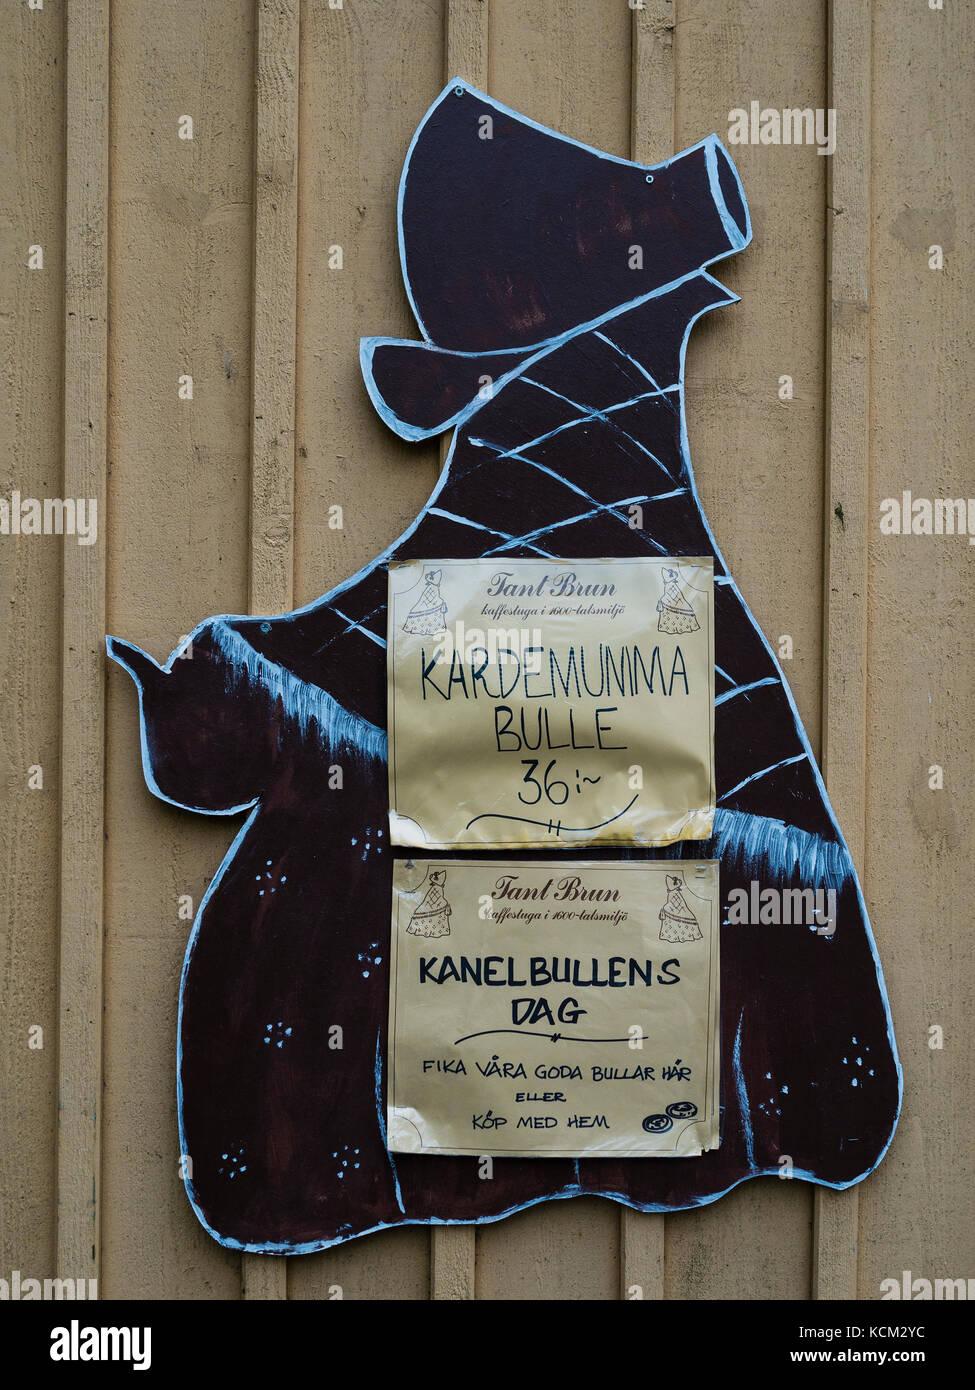 Café Tant Brun in Sigtuna, outside of Märsta, north of Stockholm, Sweden , Europe. Stock Photo